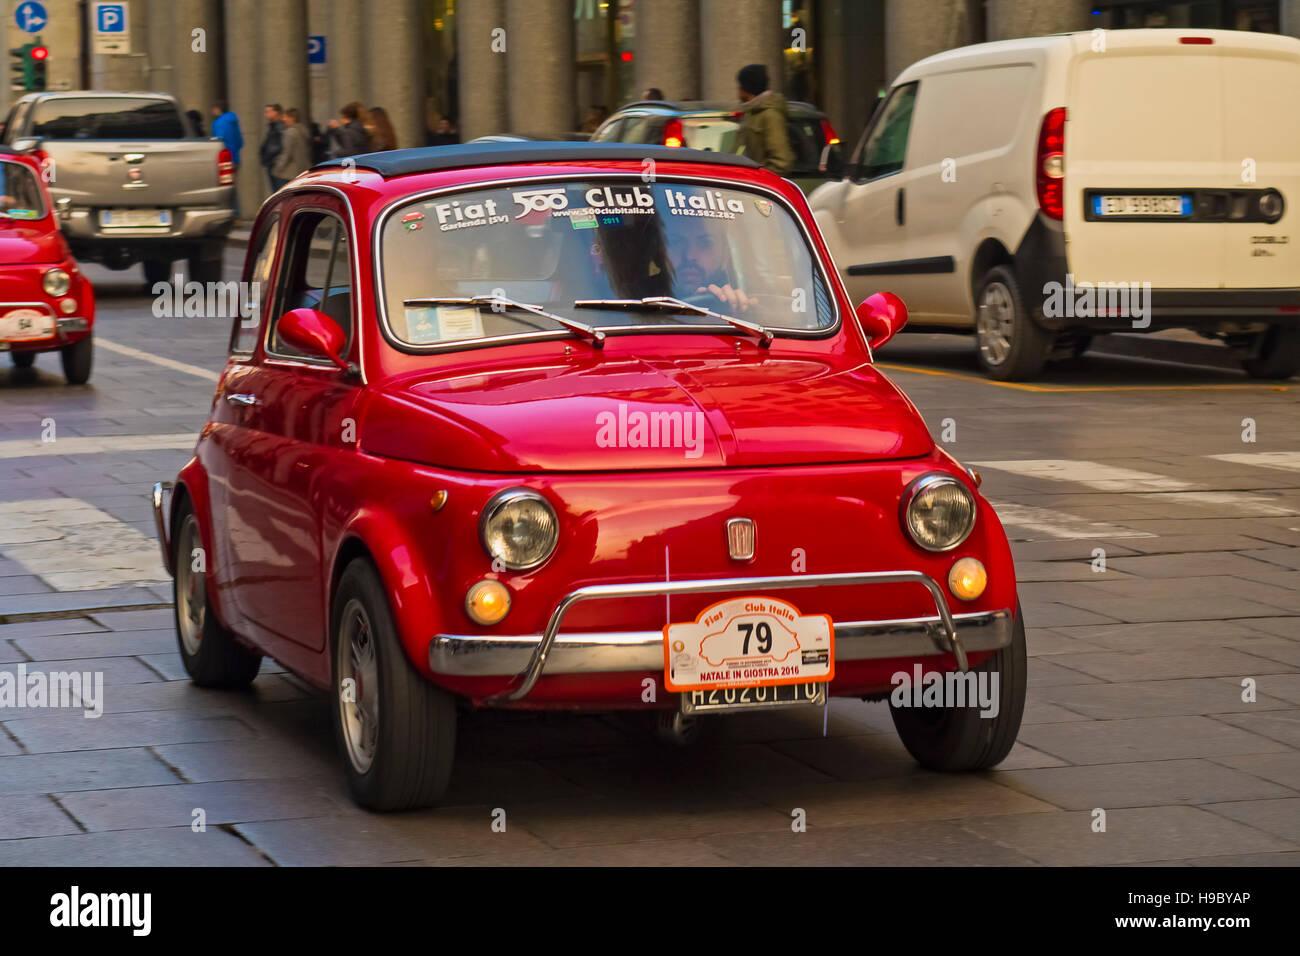 Italia Piemonte Torino sabato 19 novembre Rally Fiat 500 Immagini Stock